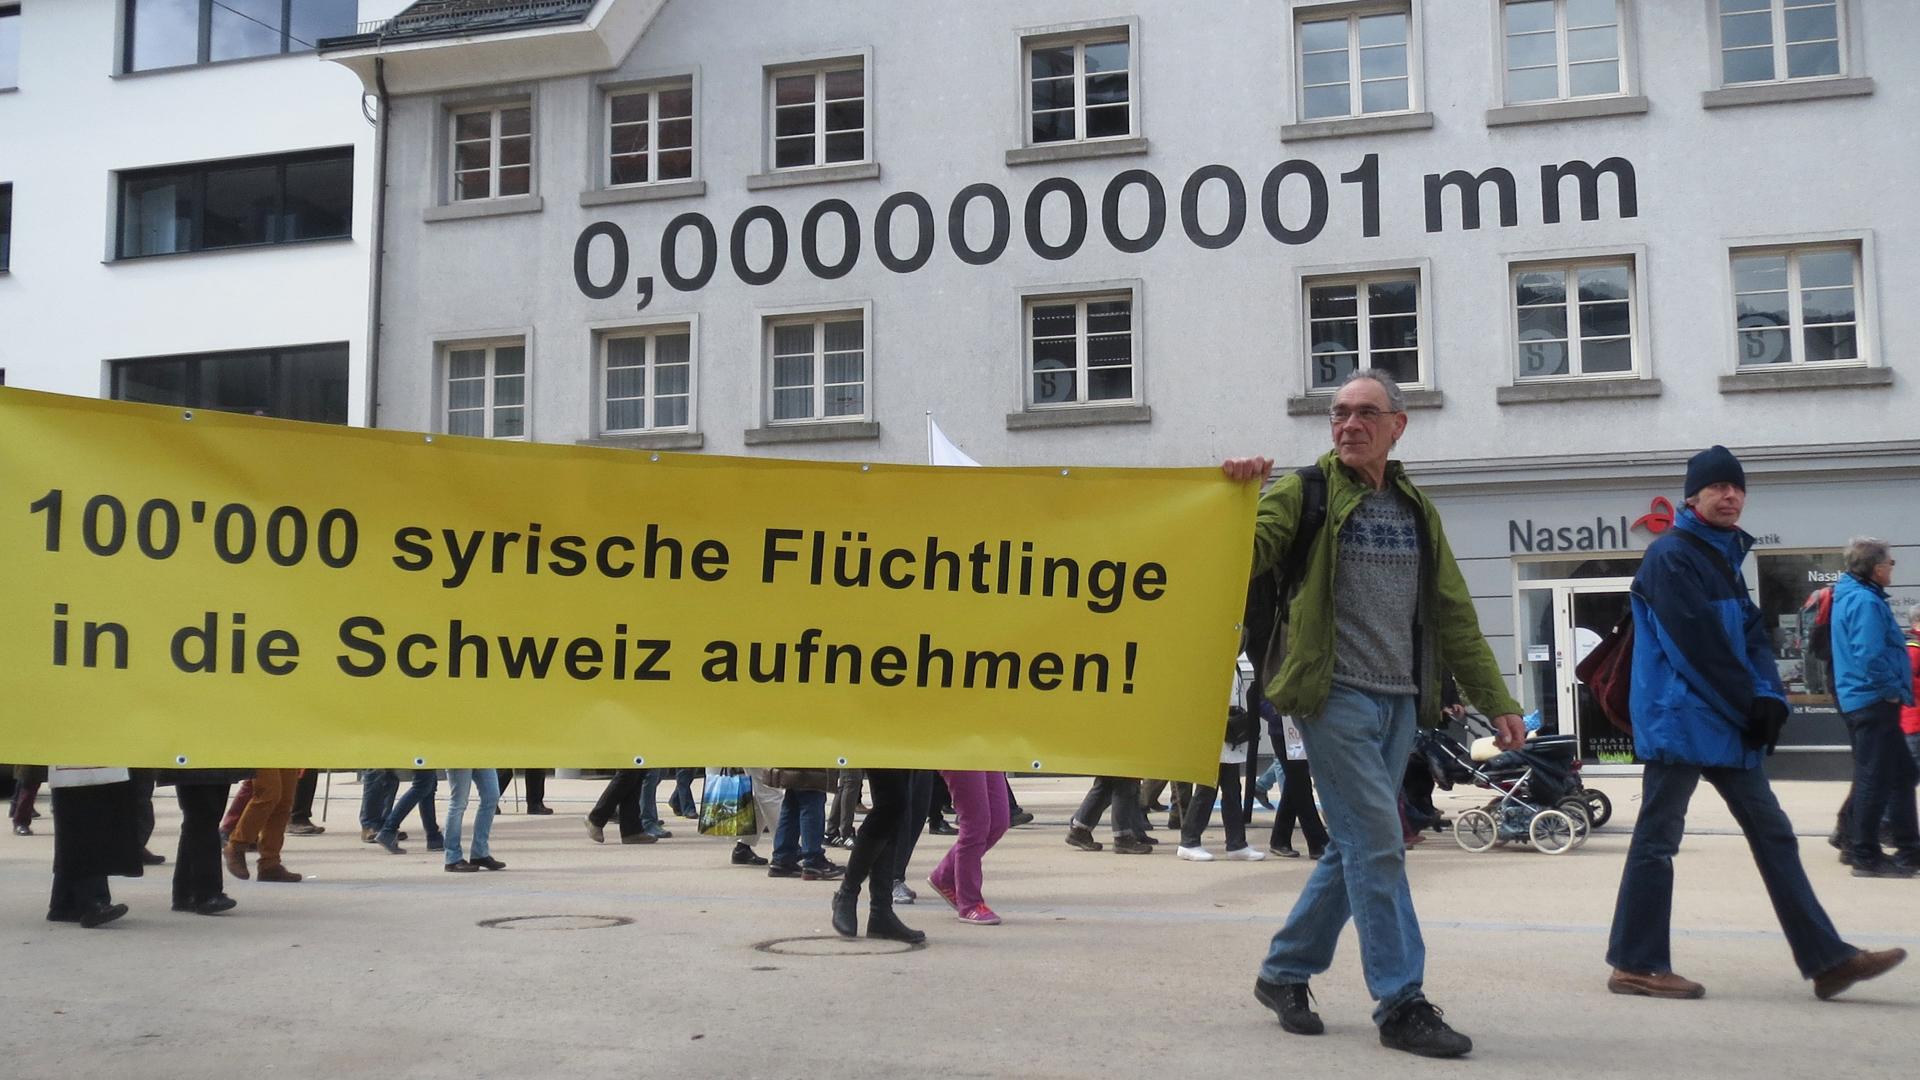 jobs in der schweiz hunderttausende jobs in der schweiz durch digitalisierung mehr offene jobs